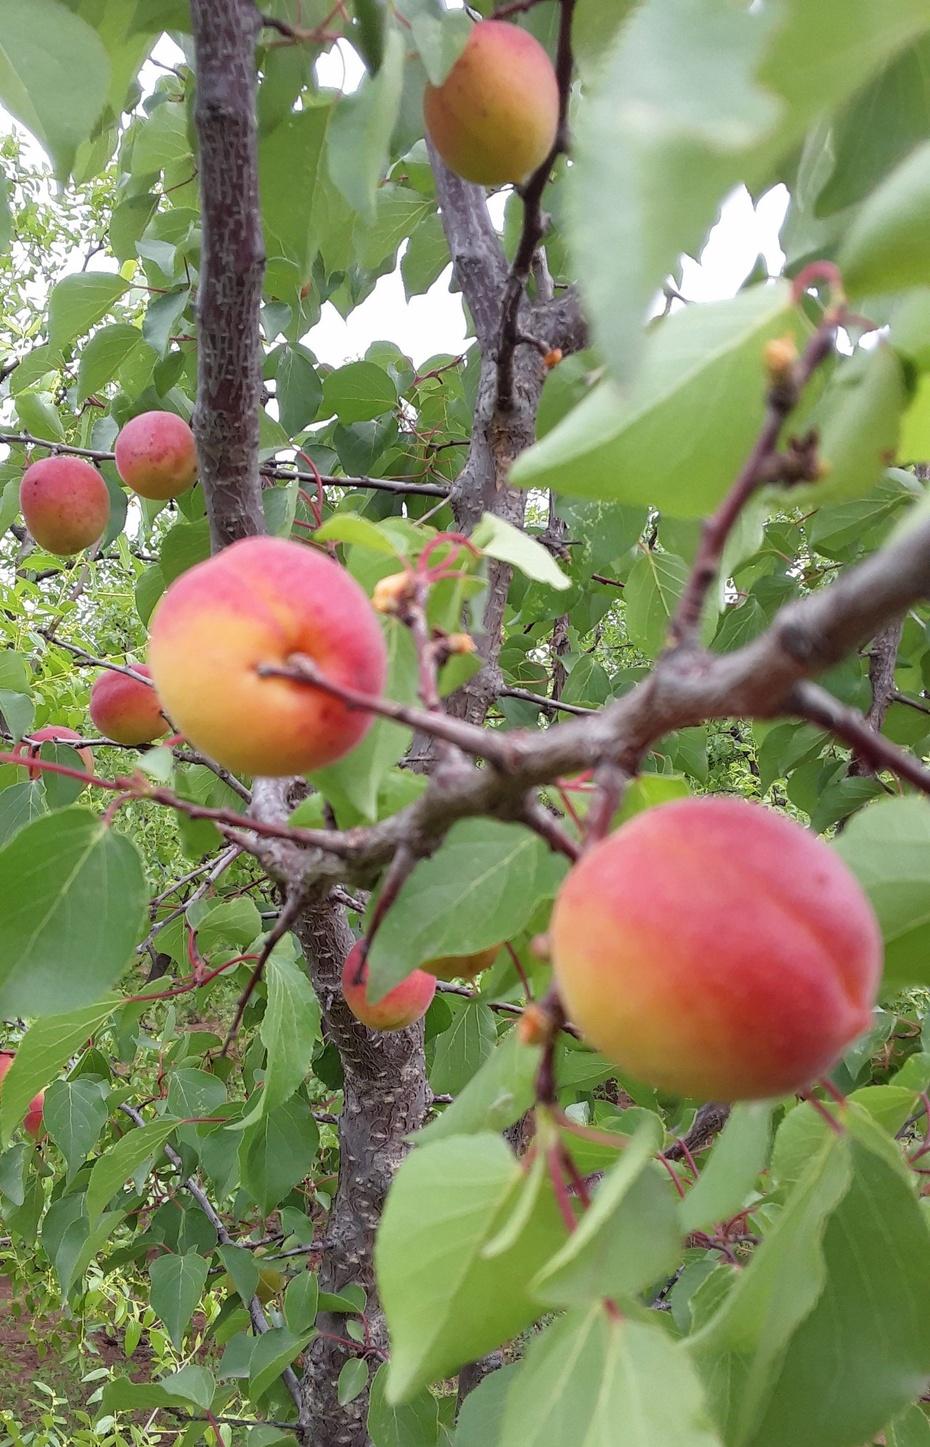 果实篇:山杏熟了 - 淡淡云 - 淡淡云